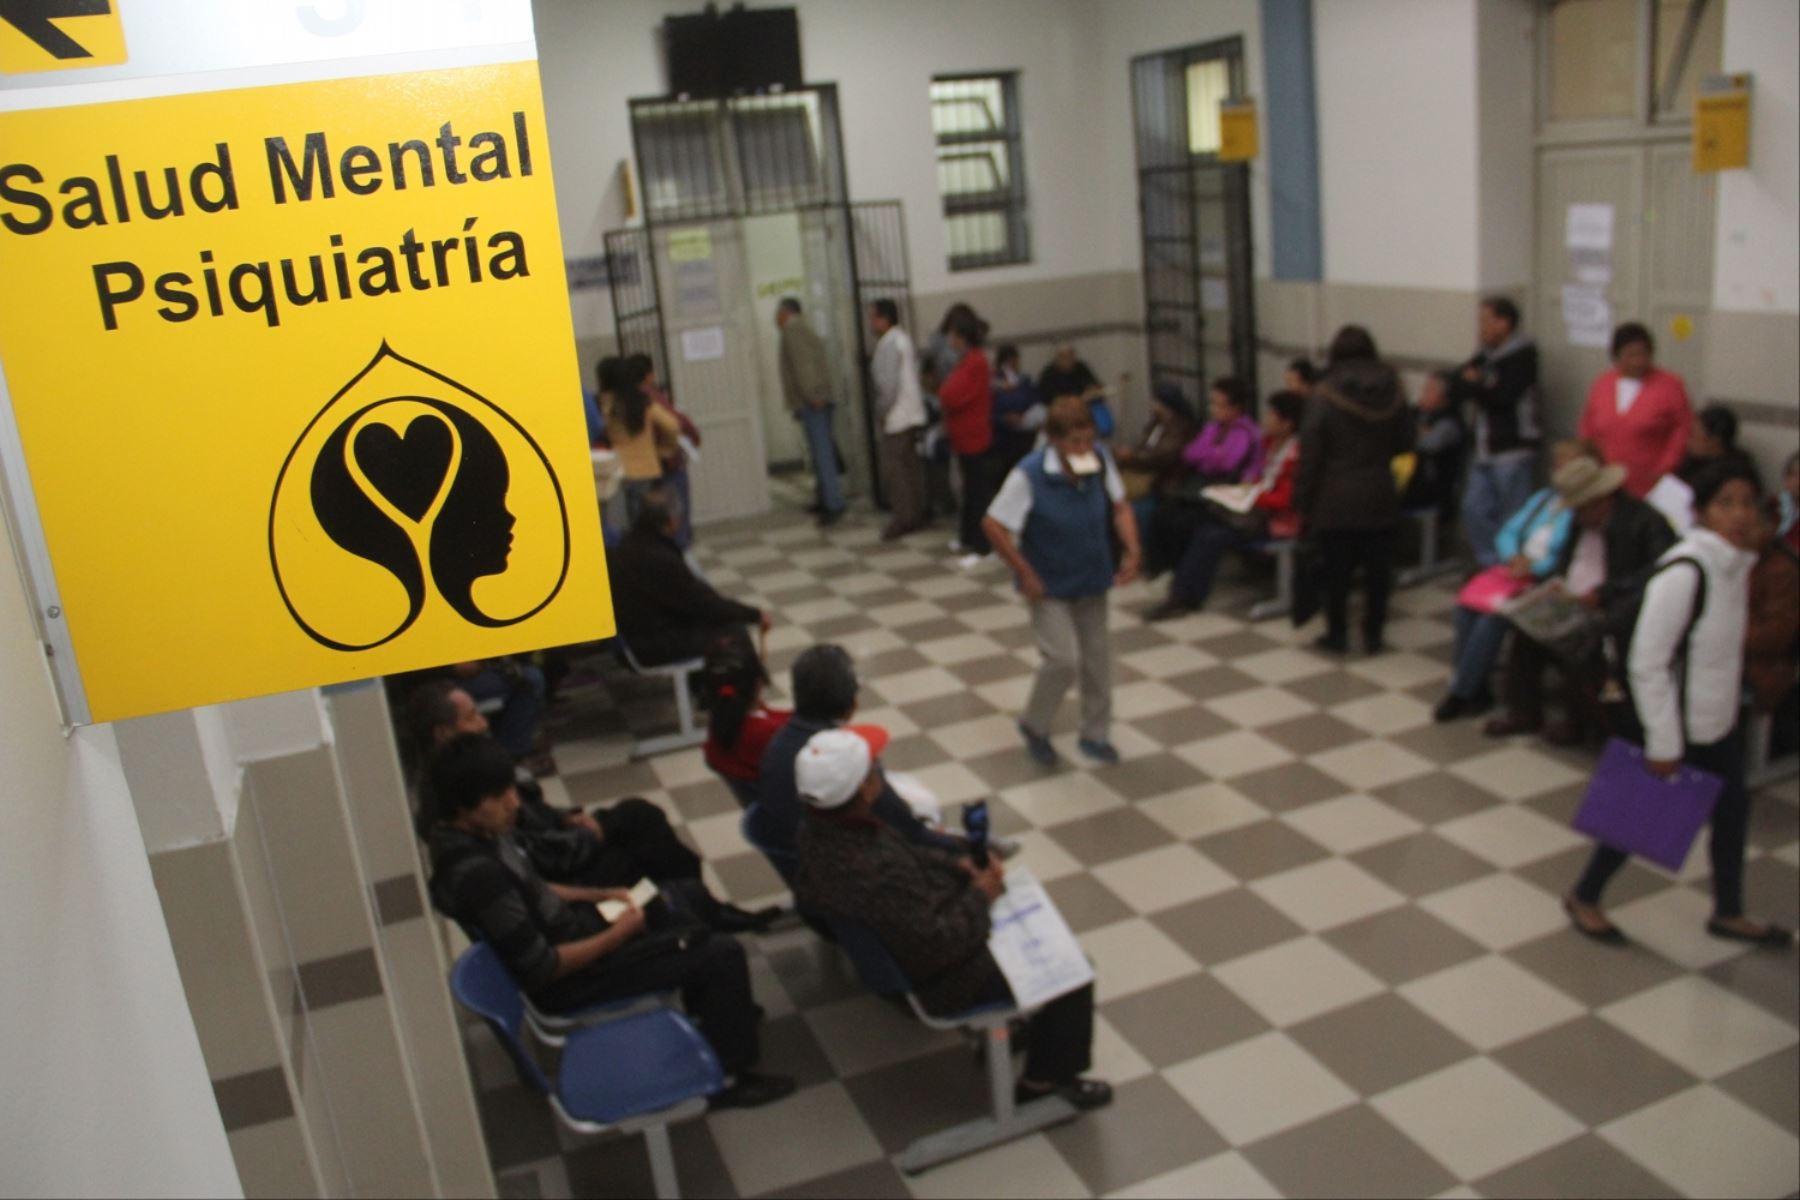 Las enfermedades de salud mental que atiende con más frecuencia el SIS son esquizofrenia, ansiedad, depresión y alcoholismo. ANDINA